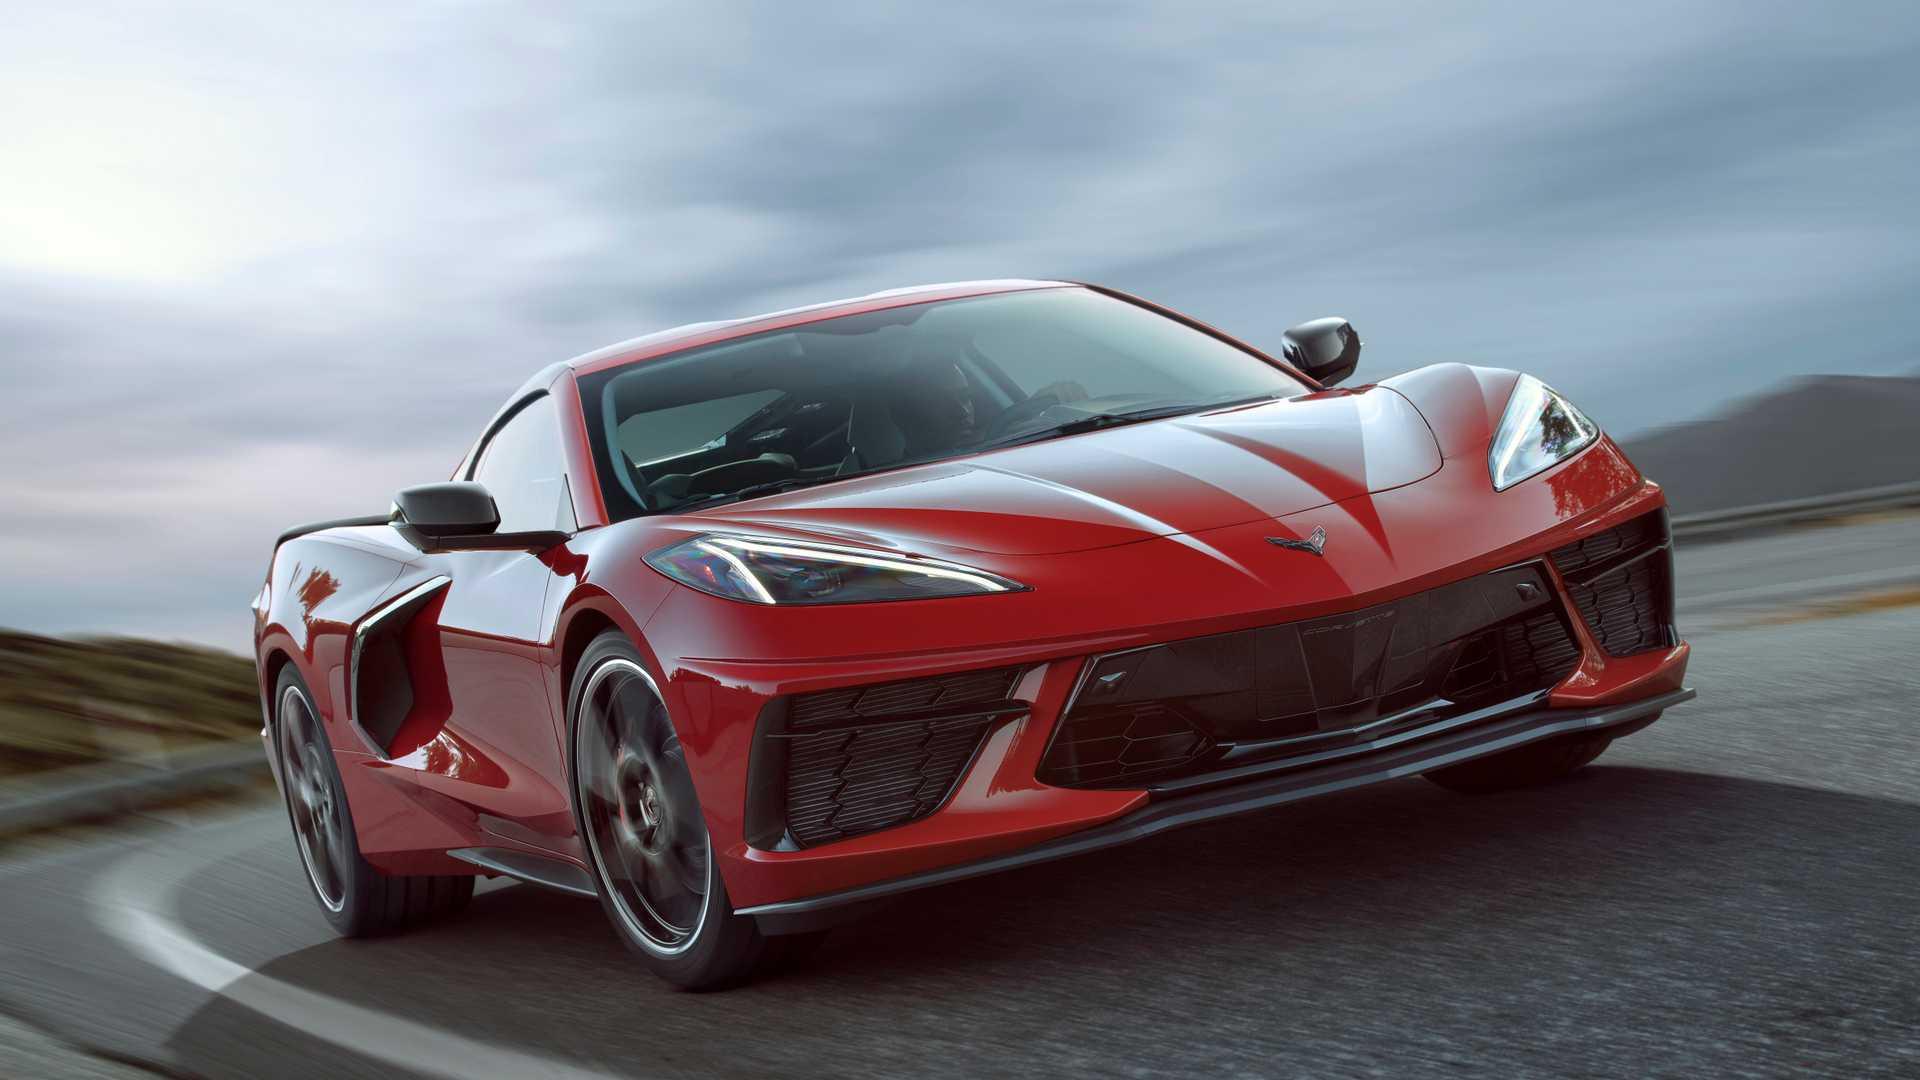 Iako teža osnovna Chevrolet Corvette do stotke ubrzava za 2,8 sekunde